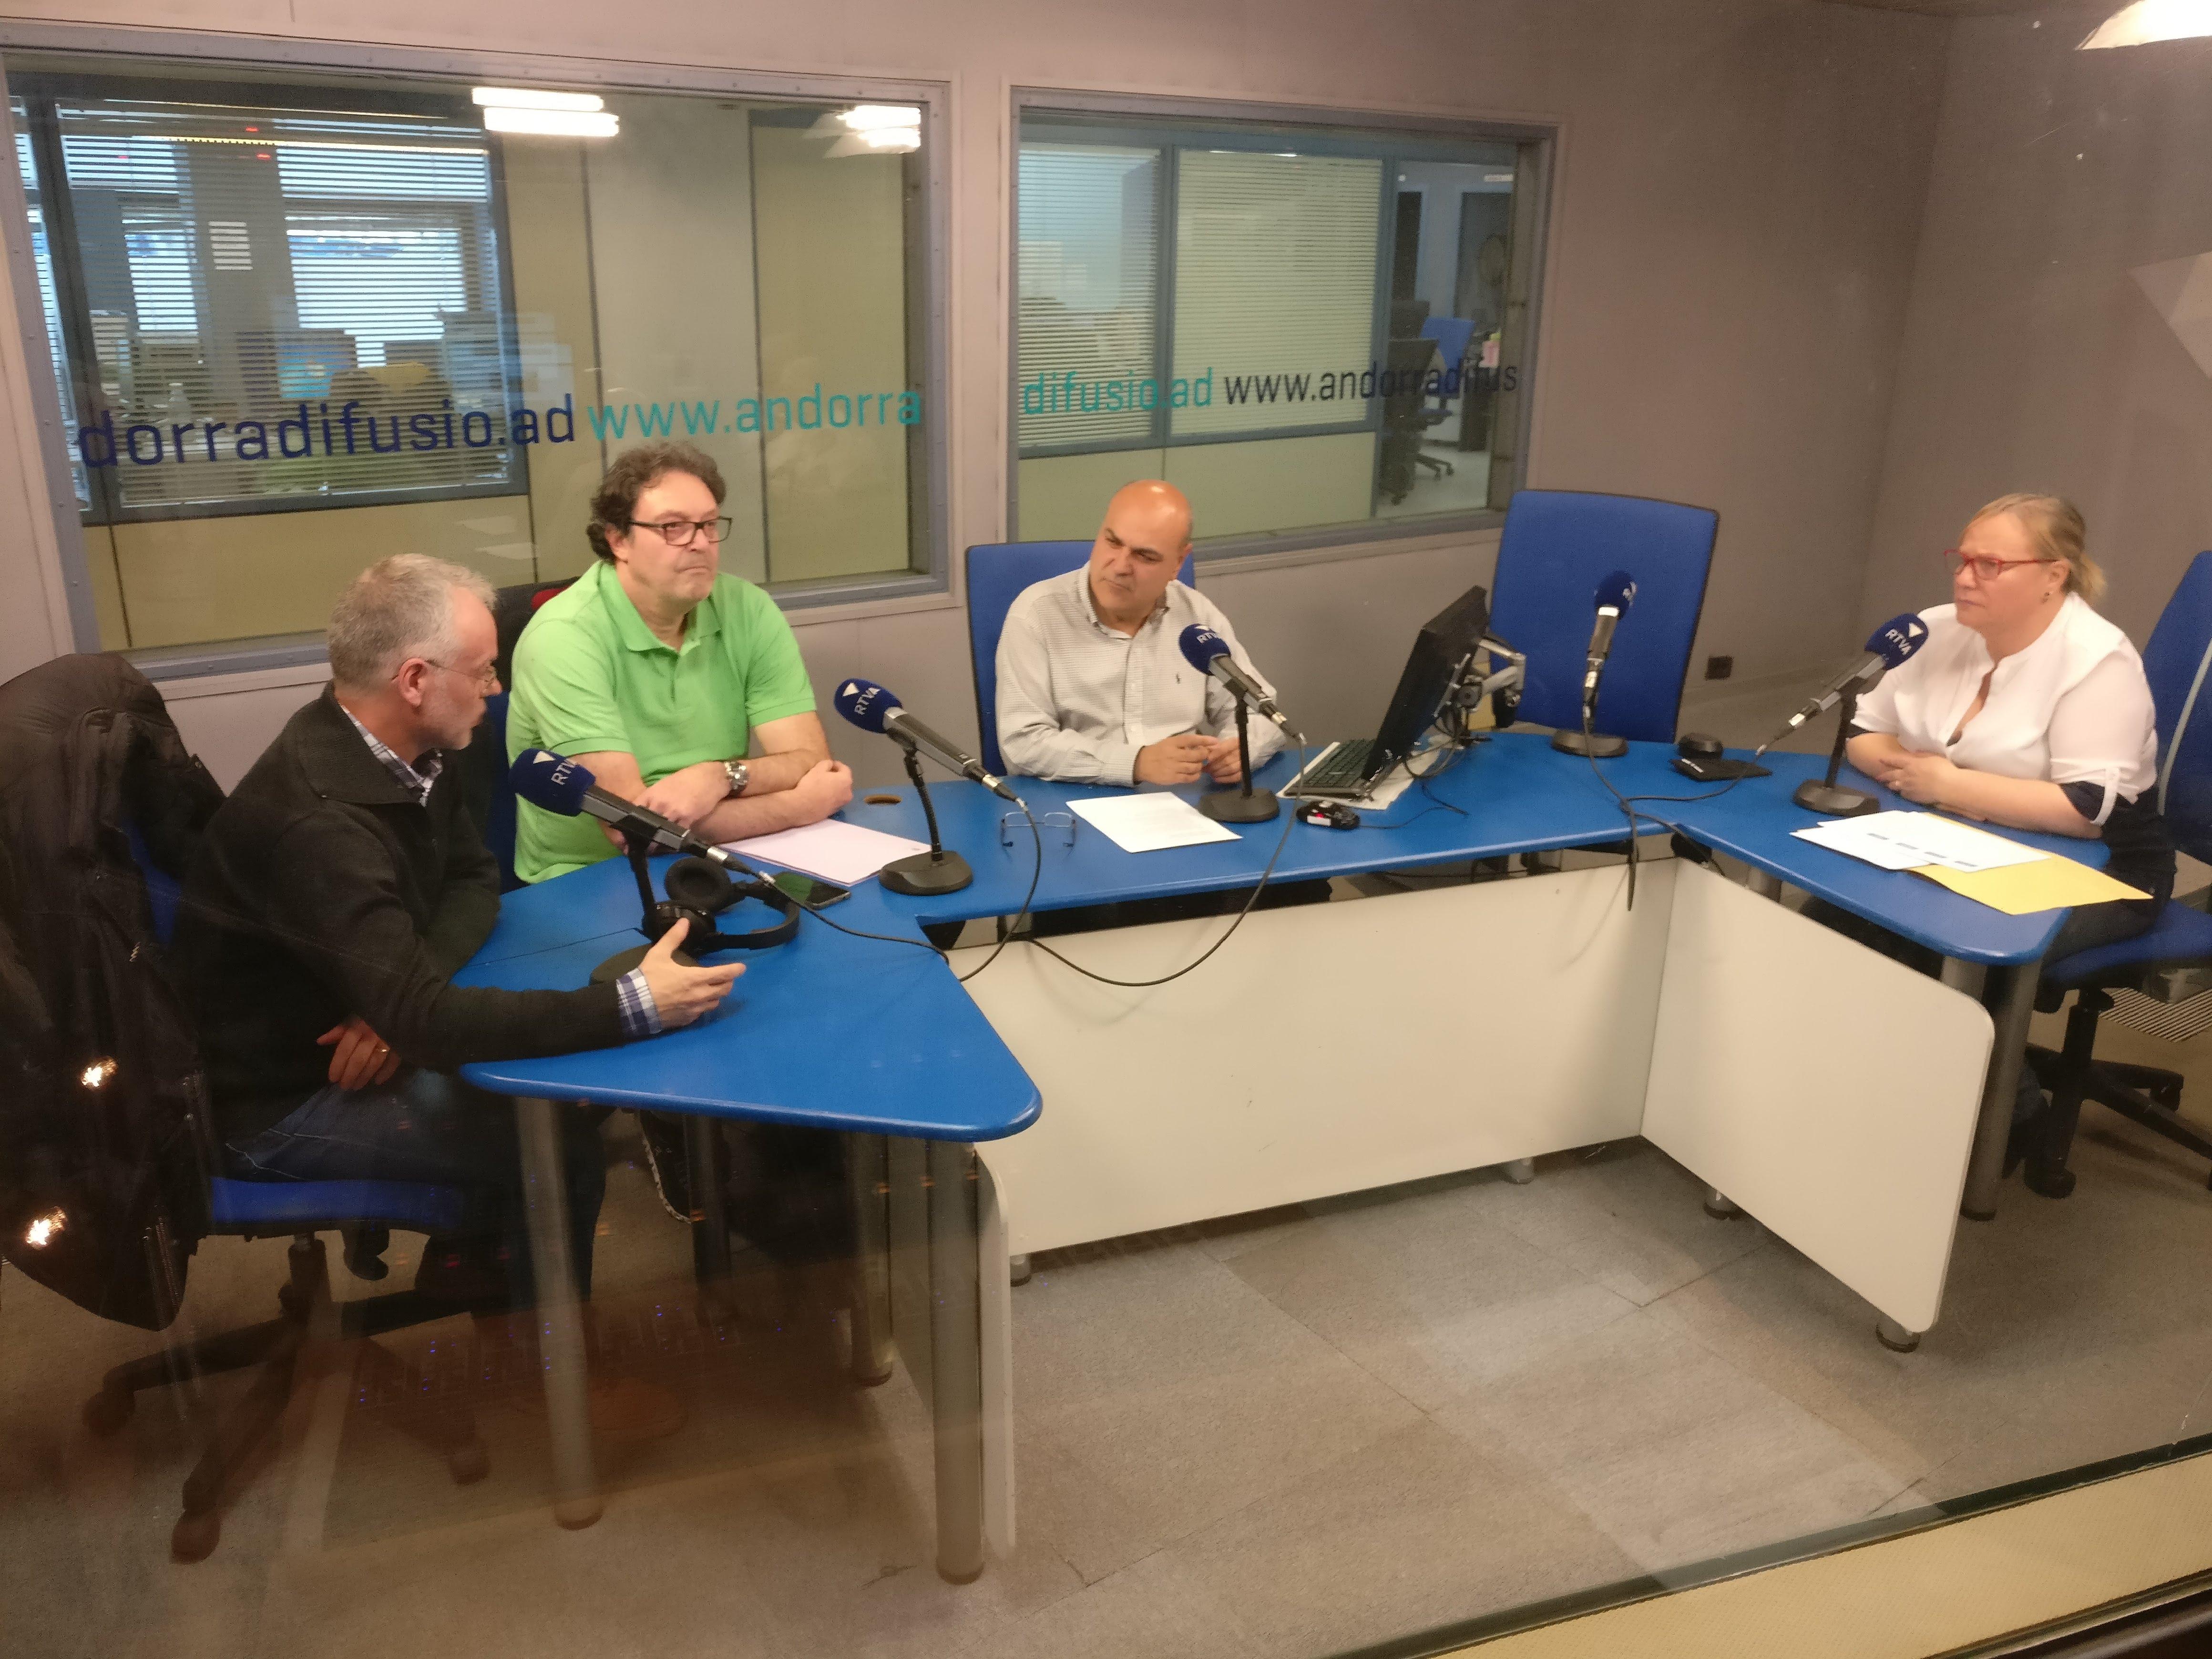 Entrevista a Josep Roig, Francisca Barbero i Pere Pràxedes